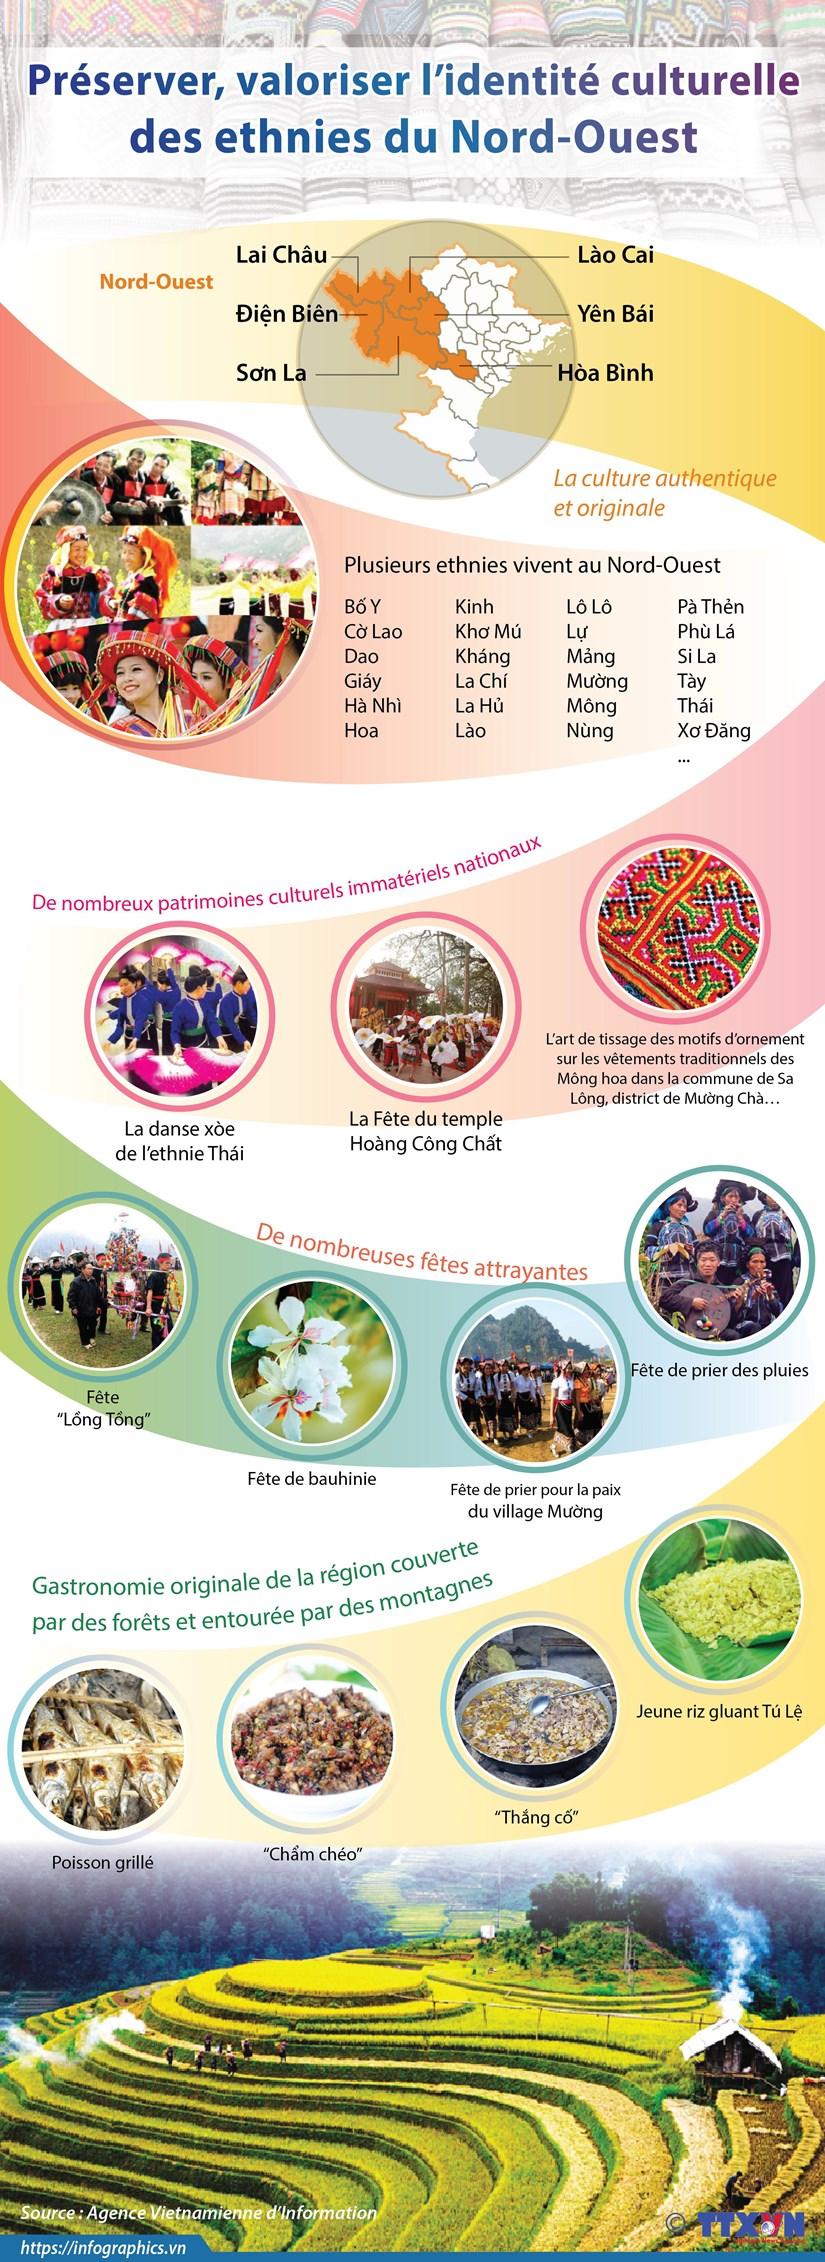 Preserver, valoriser l'identite culturelle des ethnies du Nord-Ouest hinh anh 1